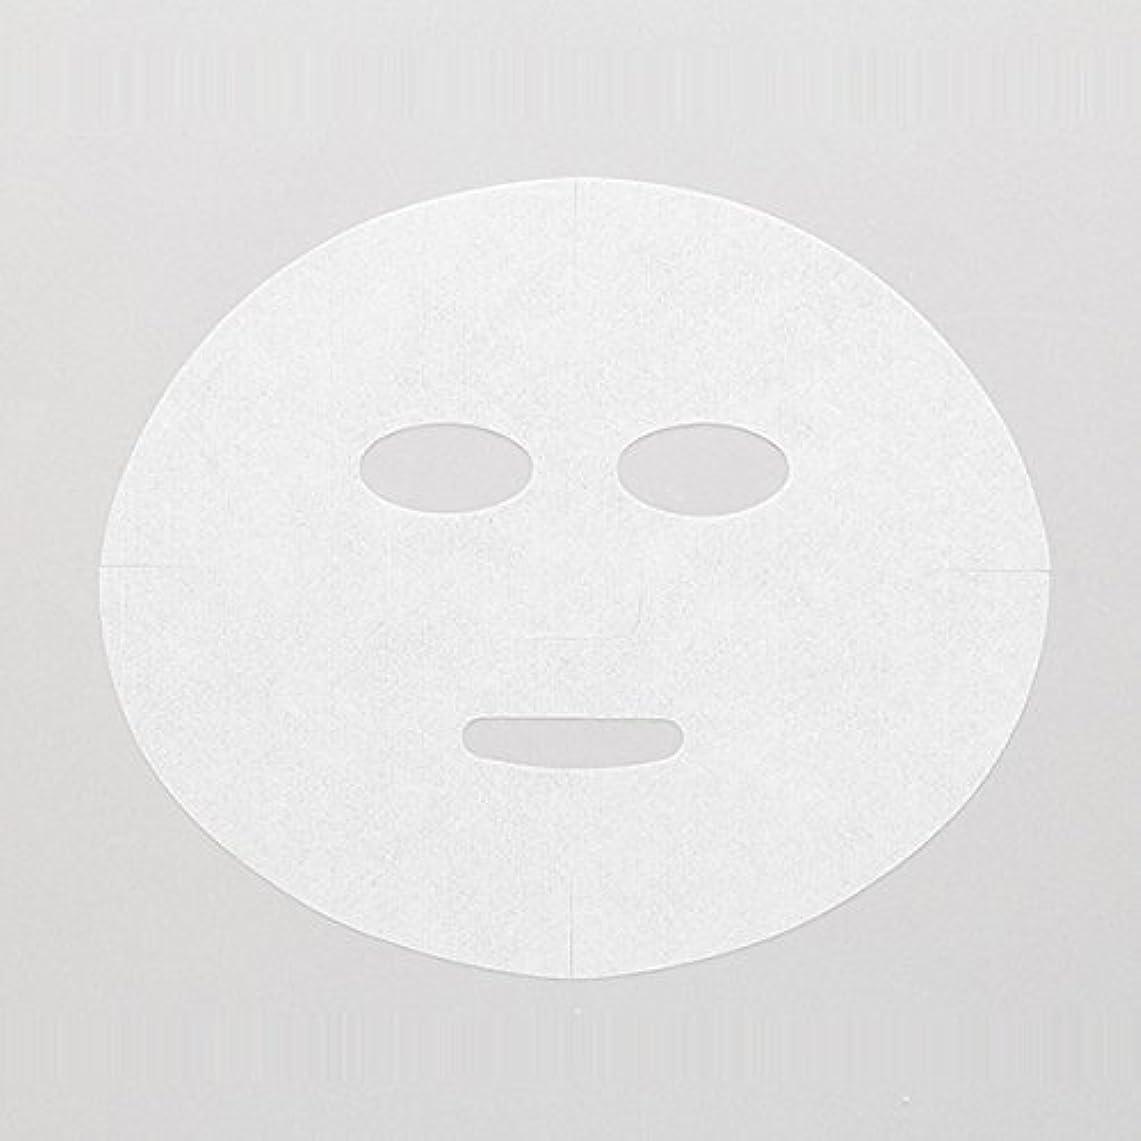 その結果ところで甘味高保水 フェイシャルシート (マスクタイプ 化粧水無) 80枚 24×20cm [ フェイスマスク フェイスシート フェイスパック フェイシャルマスク シートマスク フェイシャルシート フェイシャルパック ローションマスク ローションパック ]